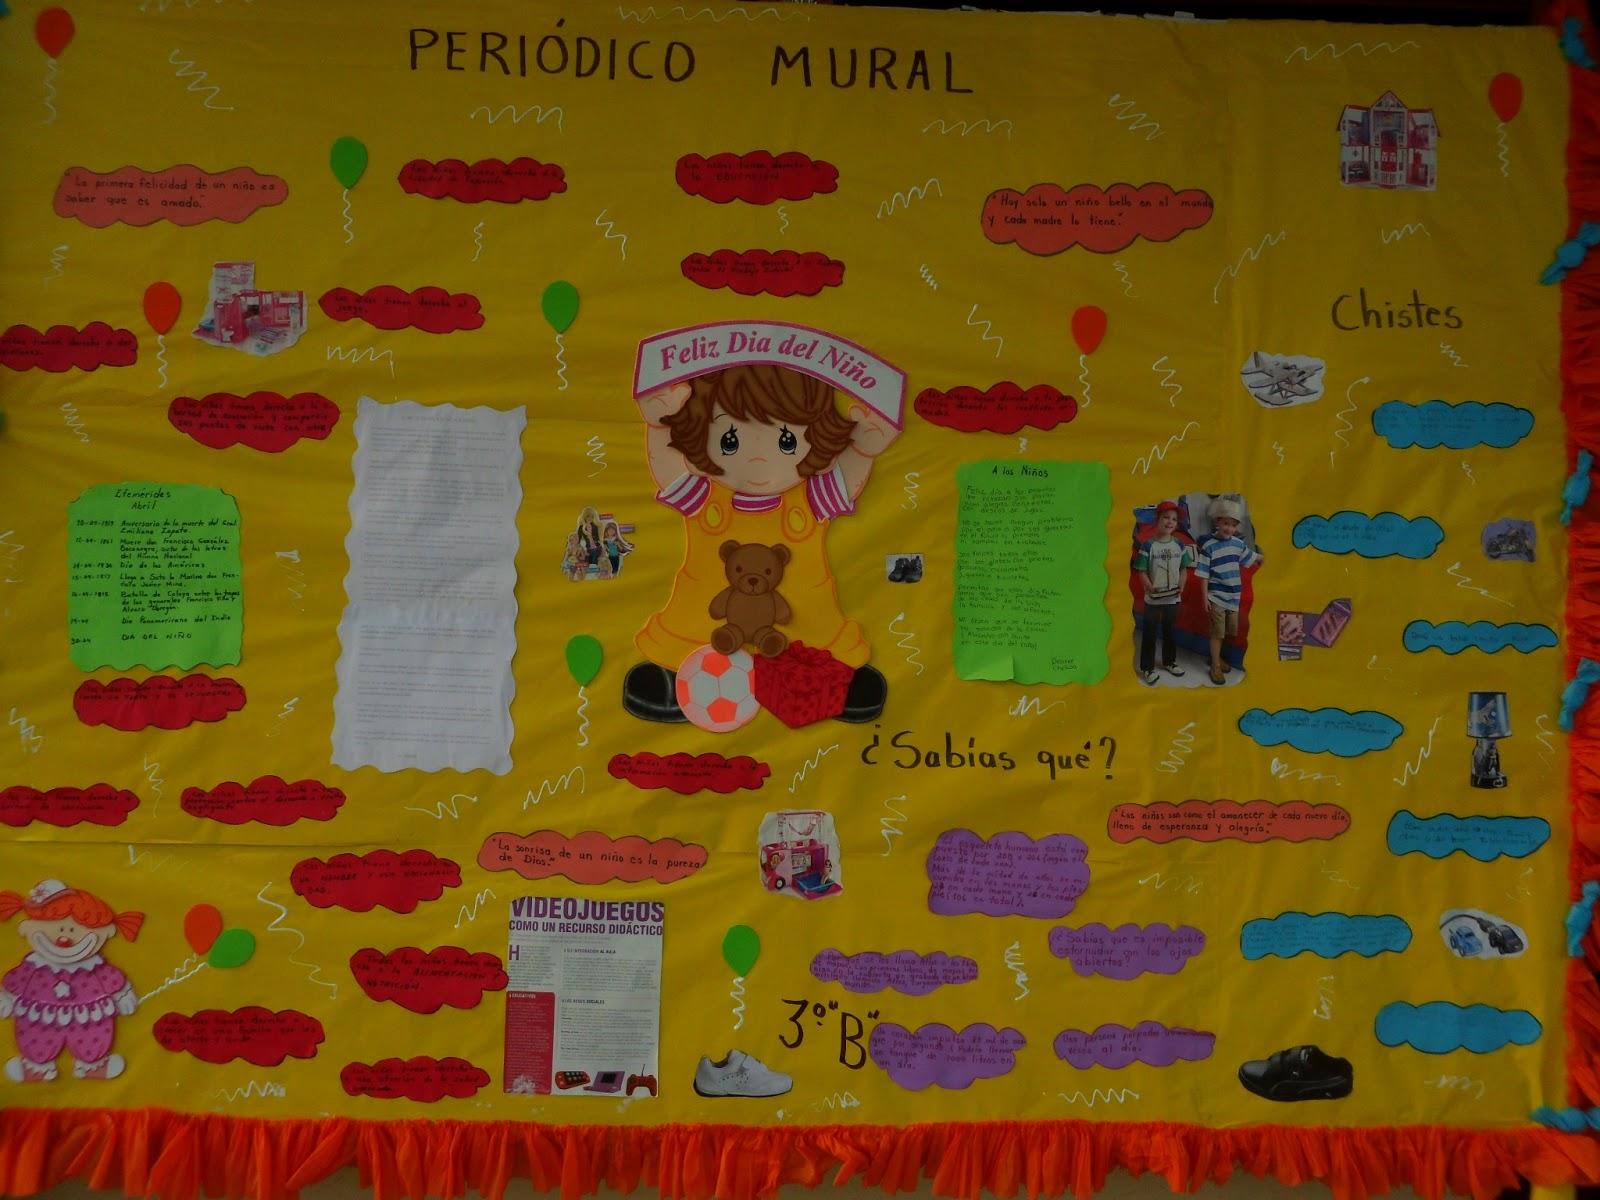 Periodico Mural Al Dia Del Maestro | MEJOR CONJUNTO DE FRASES